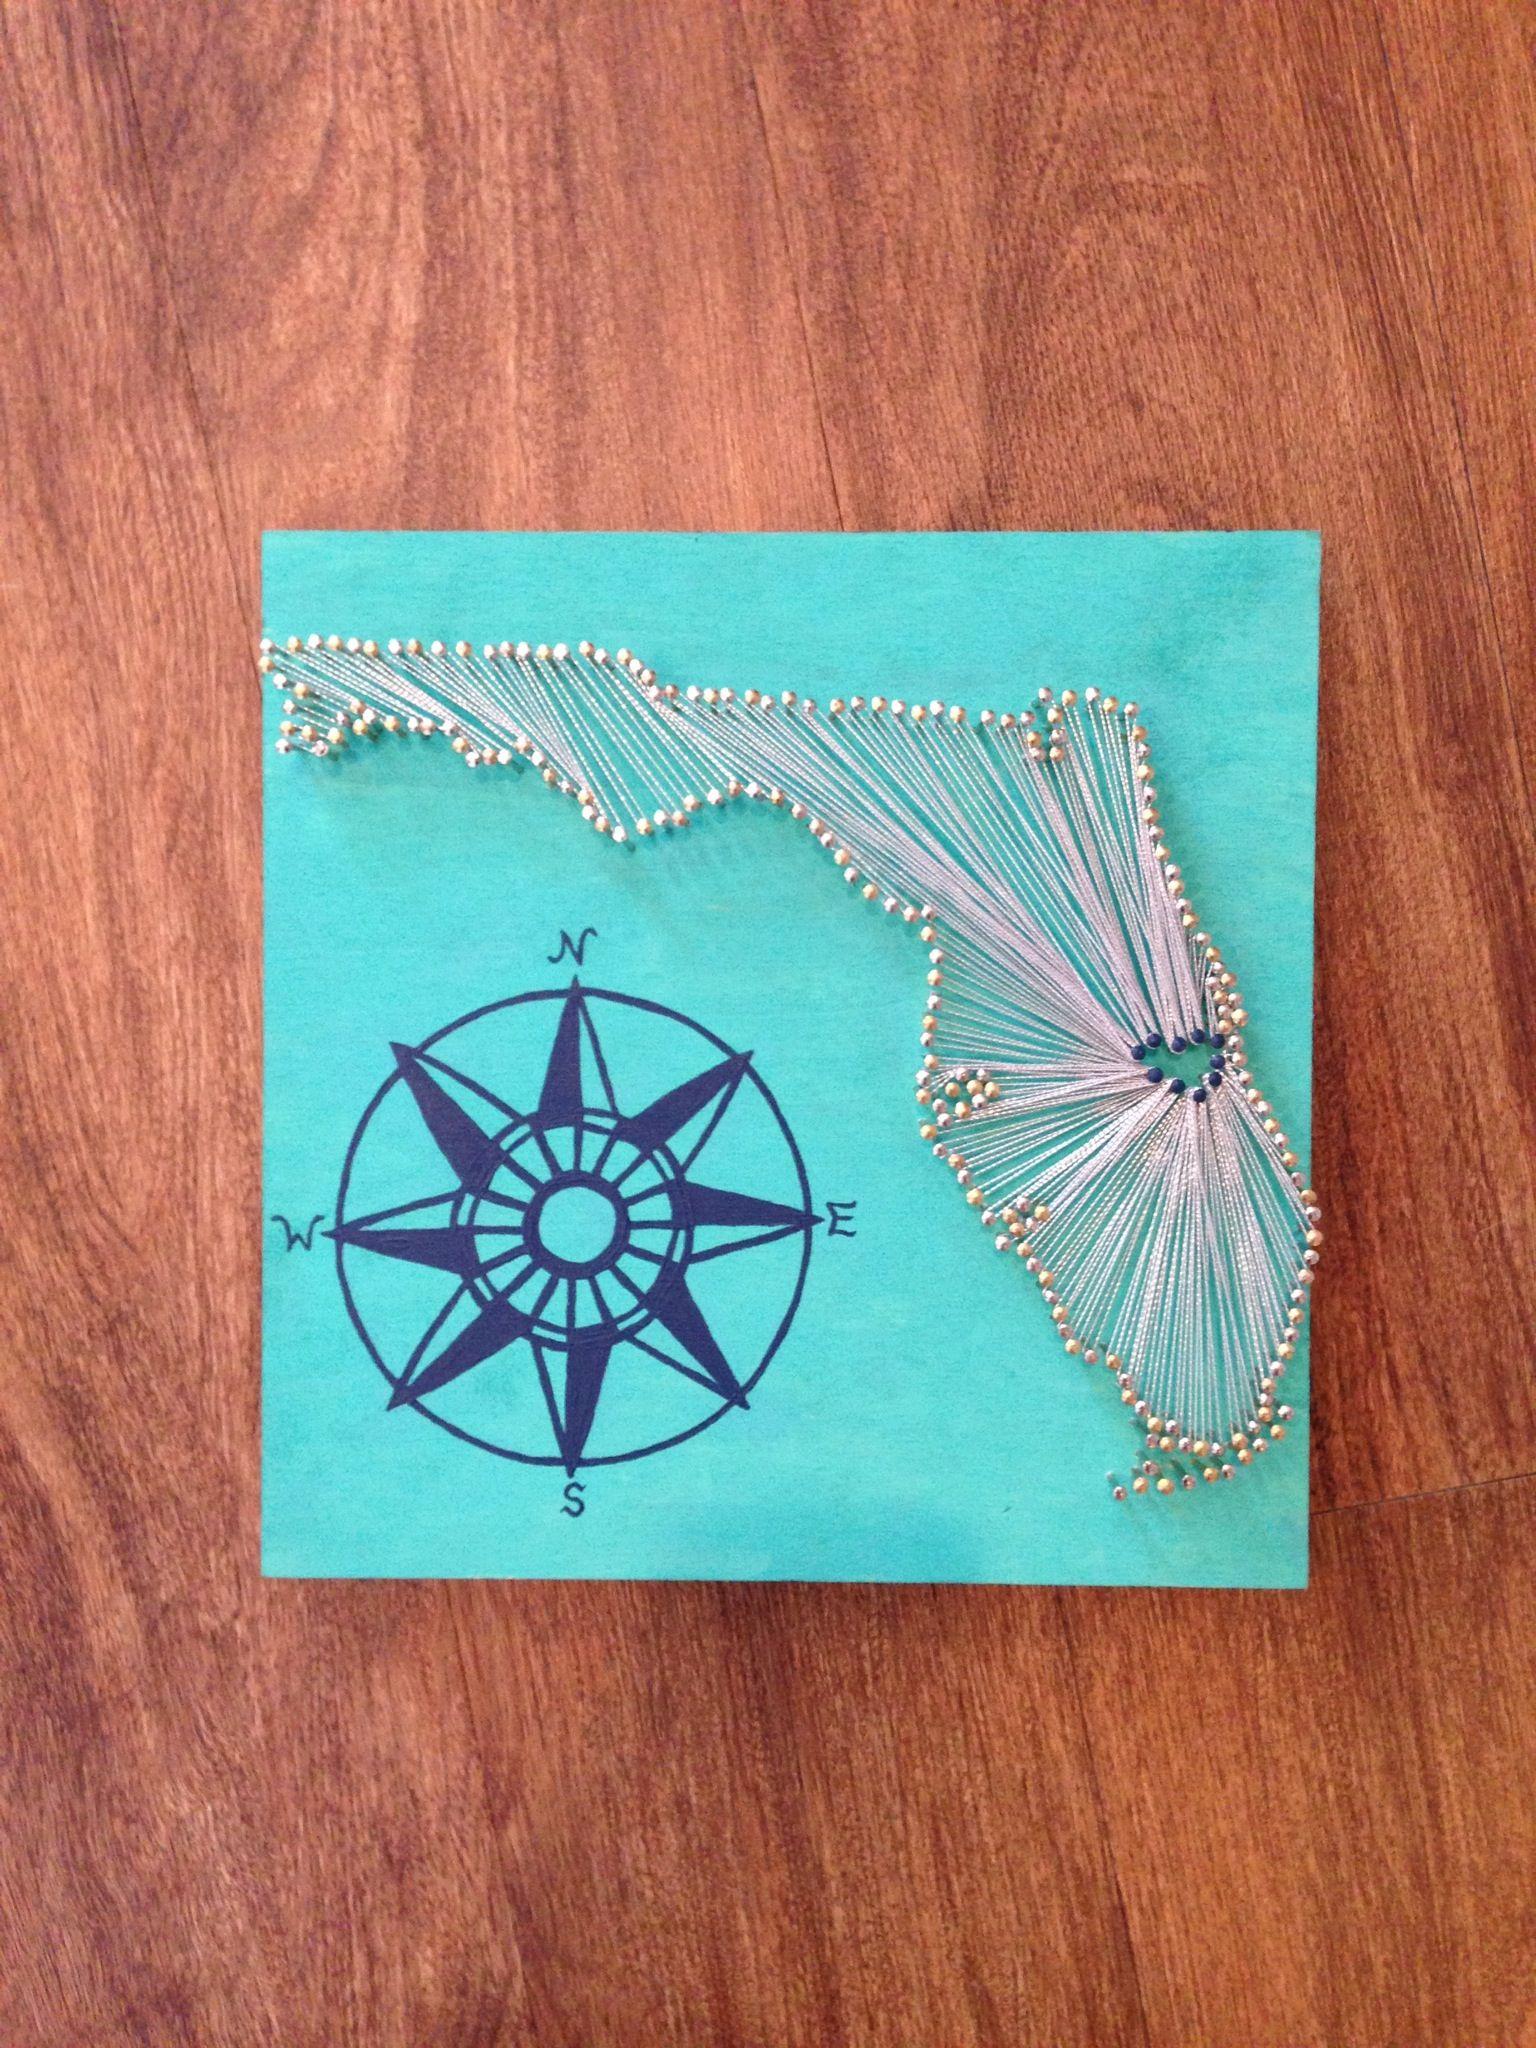 String Art & Compass Rose #DIY #Florida | Art & Projects | Pinterest ...